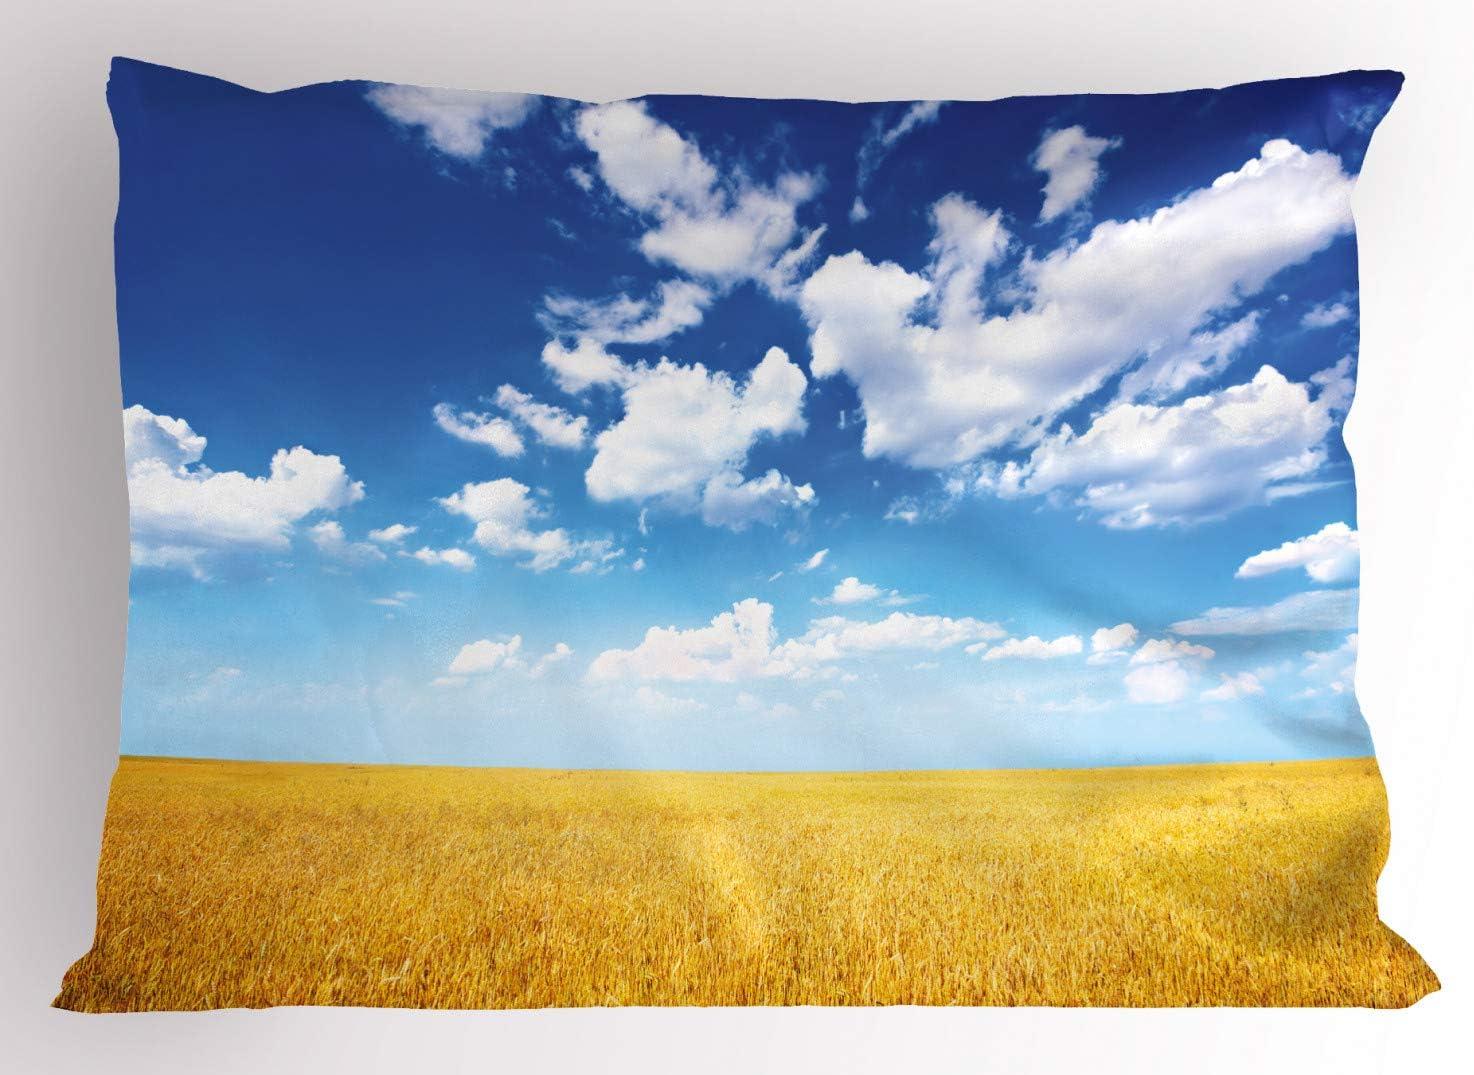 ABAKUHAUS Casa De Campo Funda de Almohada, El Campo De Trigo De Verano, Decorativa de Suave Microfibra Estampada Lavable, 90 X 50 cm, Tierra Amarillo Azul Blanco